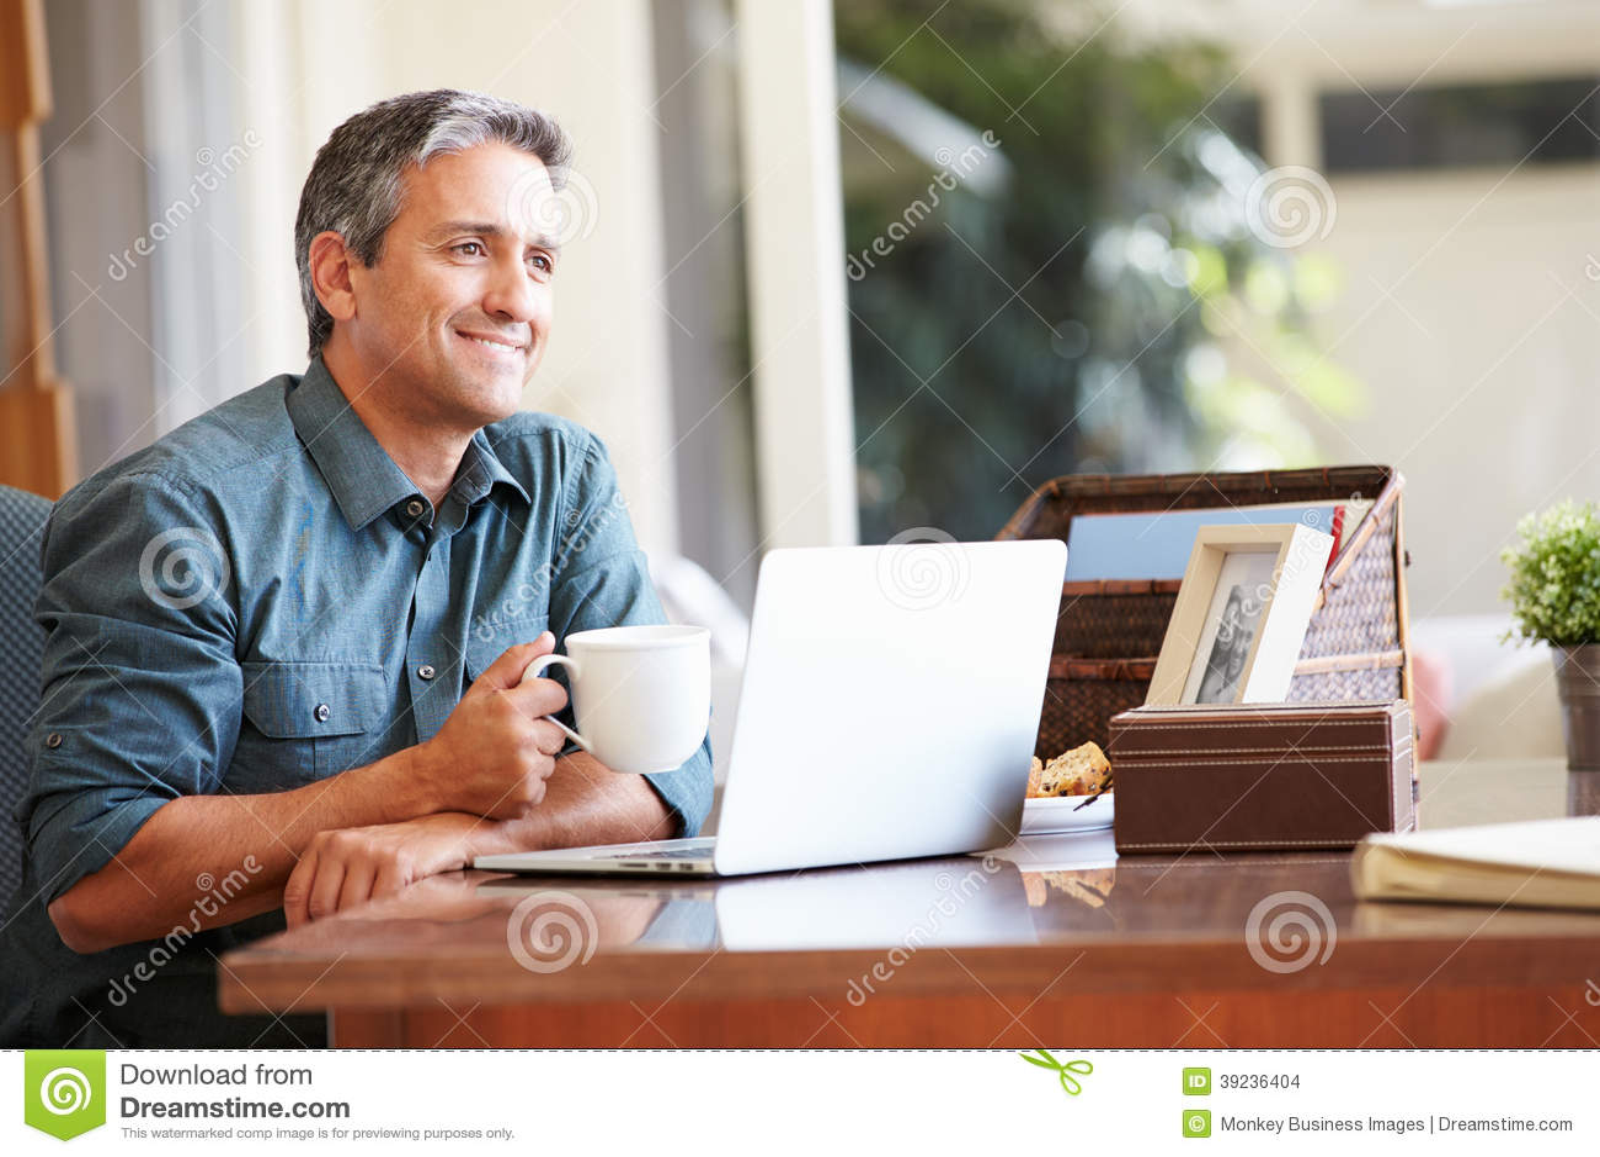 Dojrzały Latynoski mężczyzna Używa laptop Na biurku W Domu